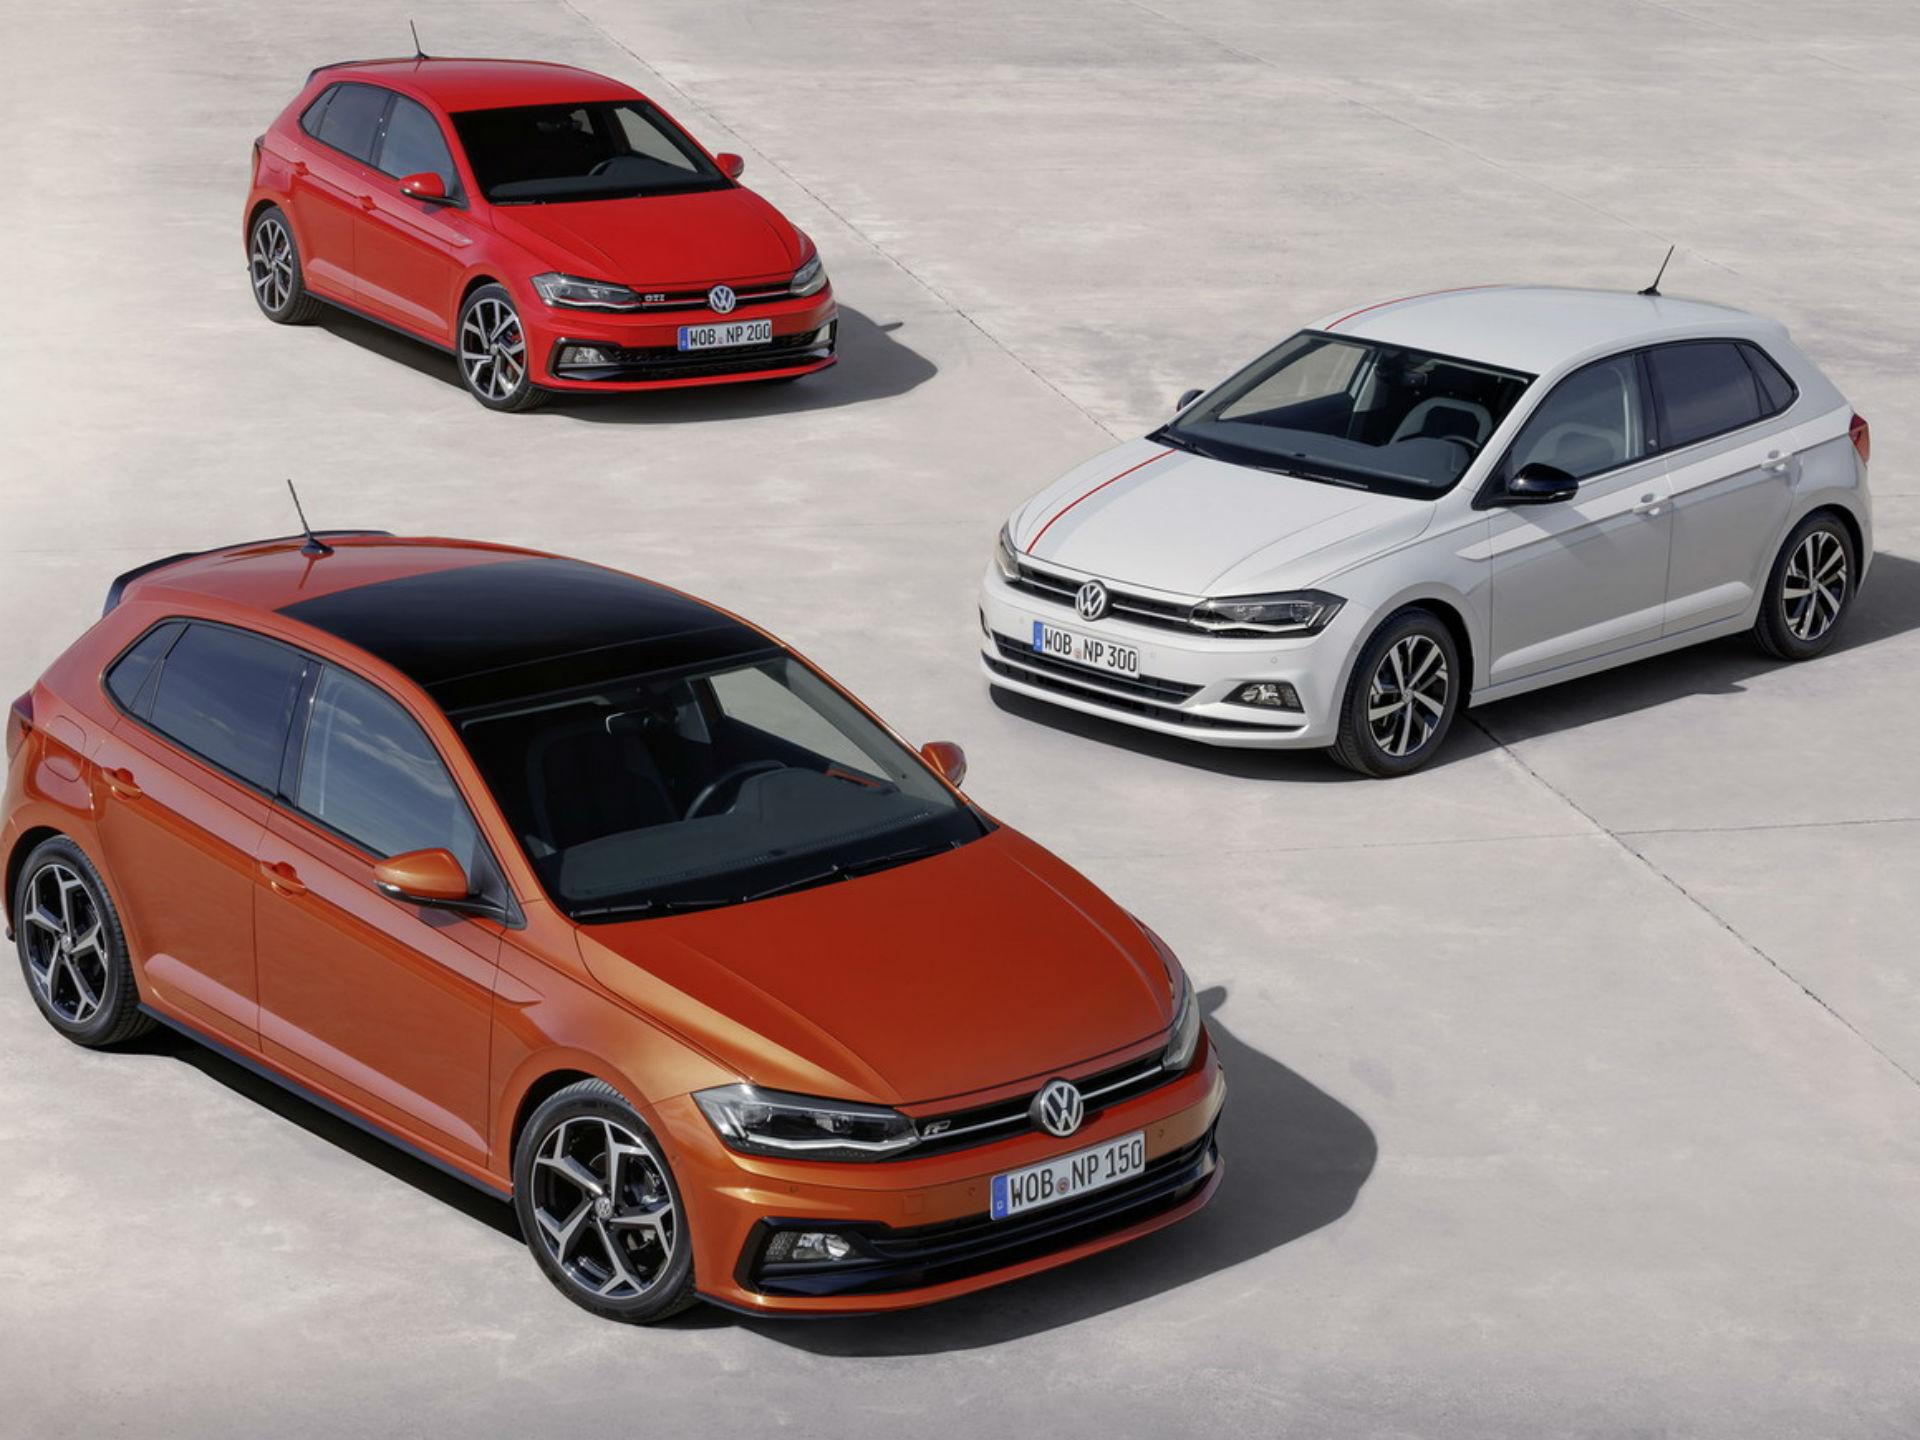 Al fin, la nueva generación del subcompacto más triunfante ha llegado, y búsqueda conquistar al mercado con tecnología, un diseño sobrio e renovador y una gigantesco pluralidad de motorizaciones. Foto: Volkswagen